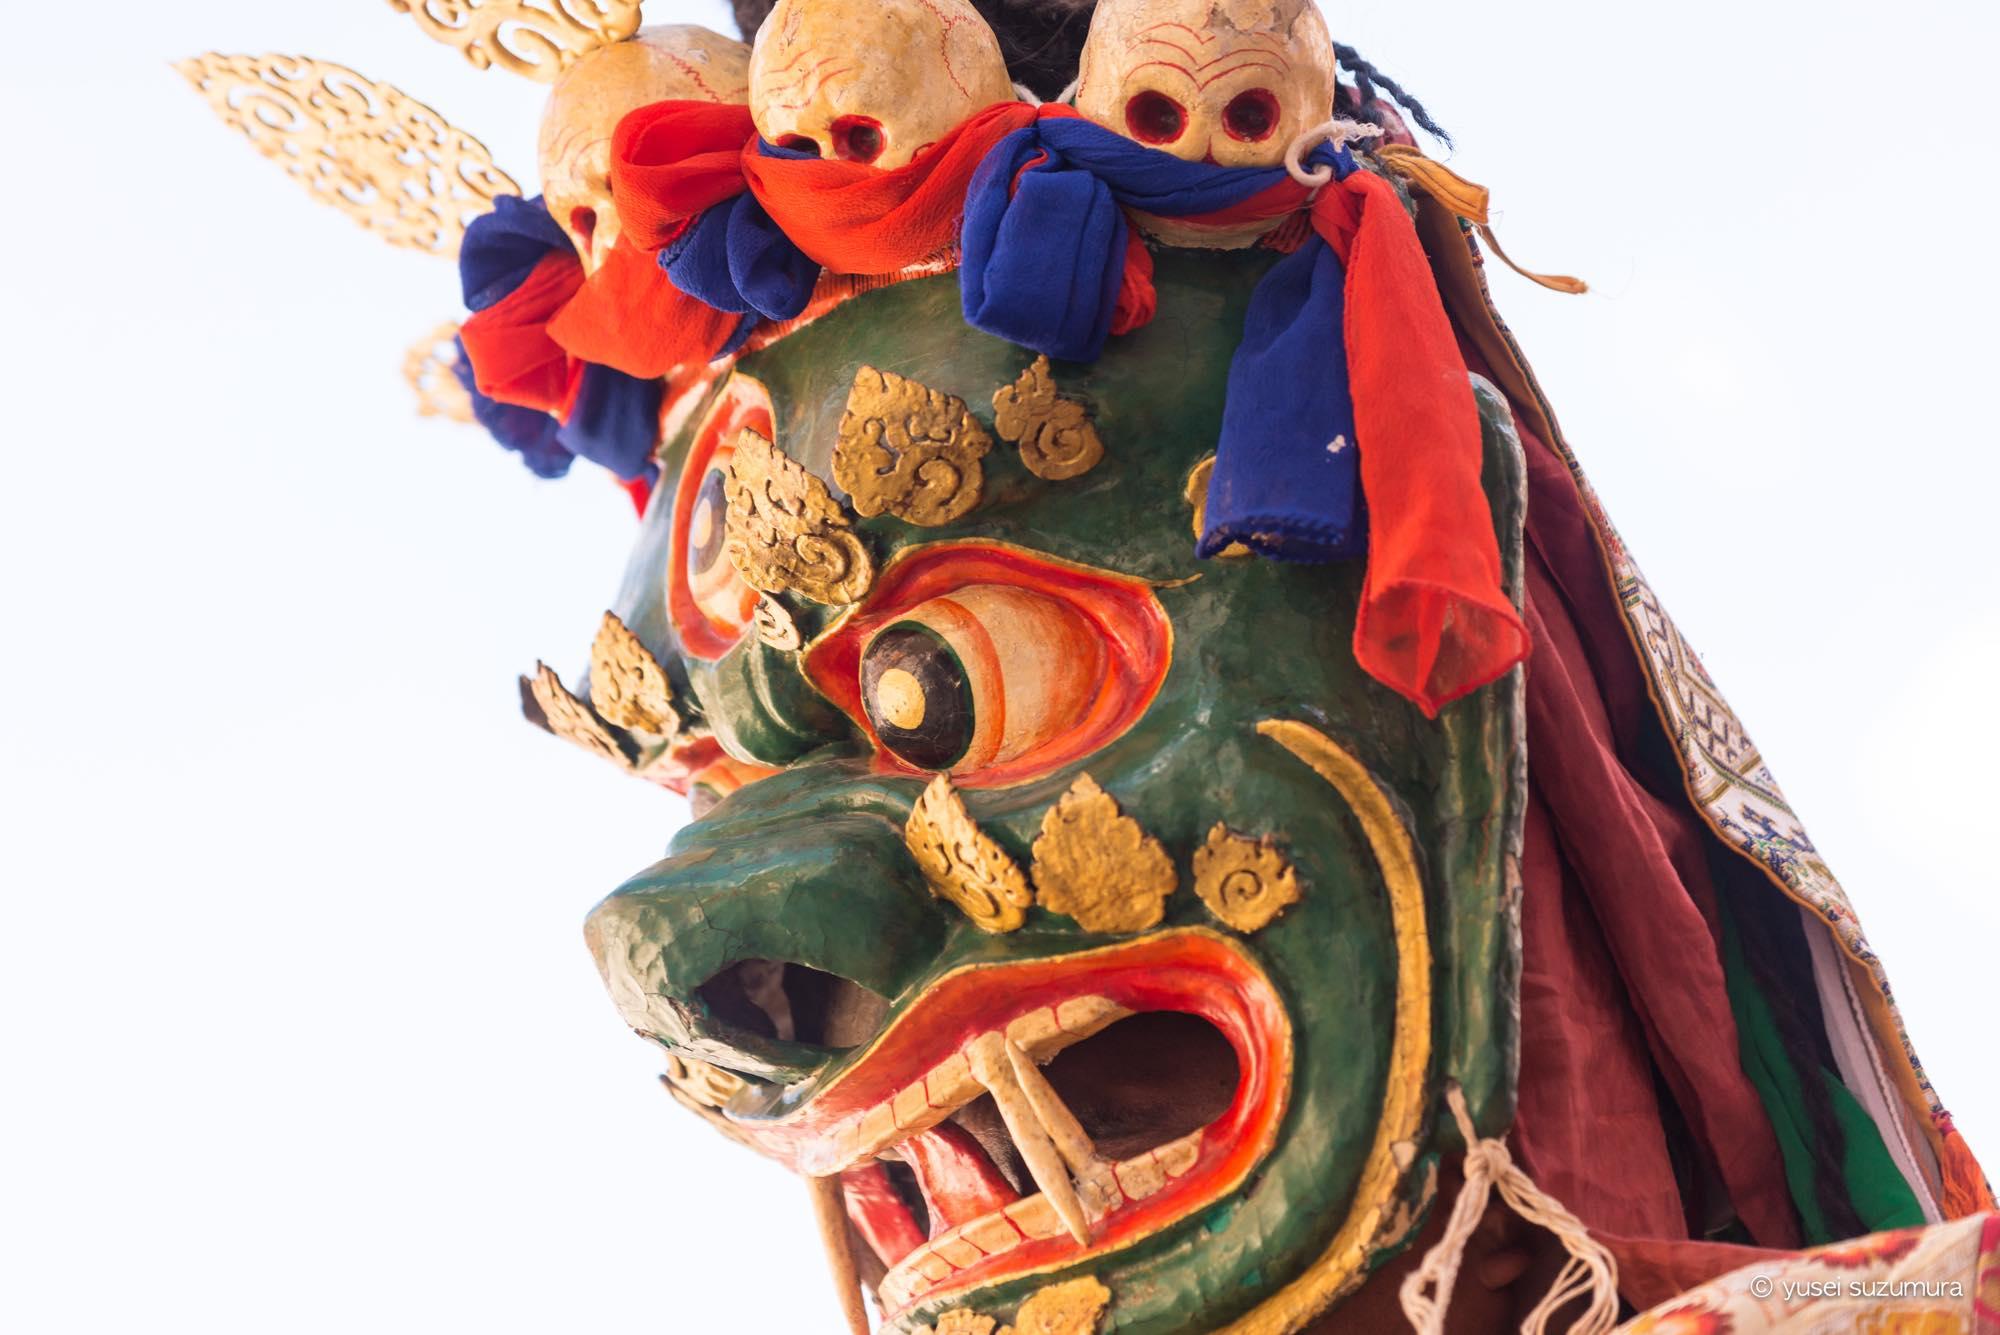 ピャンツェドゥプでラダックのお祭りを堪能!!